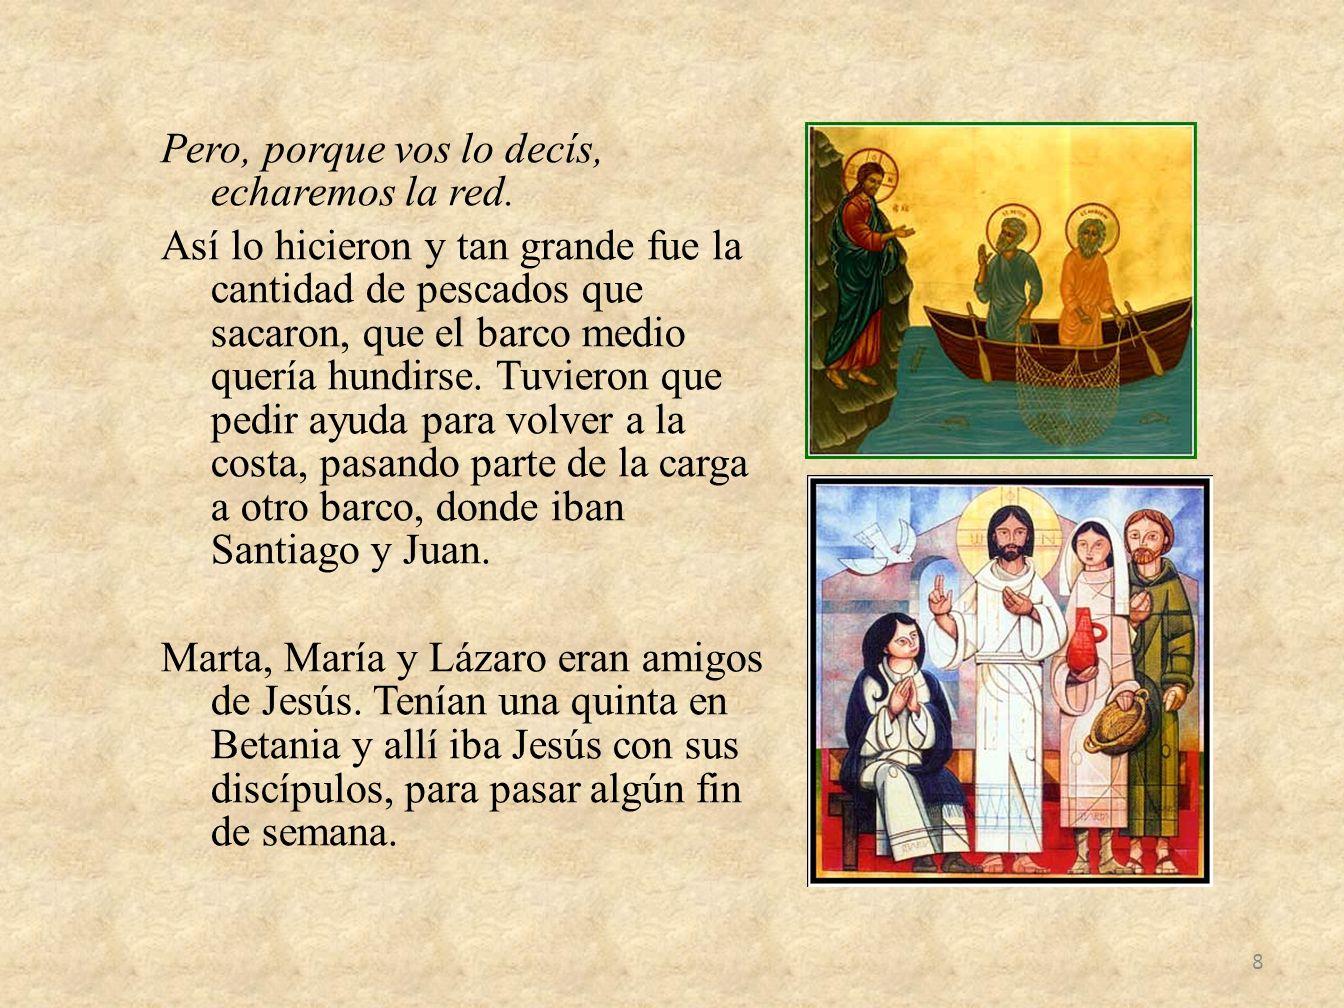 - Son necesarios para la salvación (aunque no todos se den a cada uno de los fieles), porque otorgan la gracia sacramental, el perdón de los pecados, la adopción como hijos de Dios, la configuración con Cristo Señor y la pertenencia a la Iglesia.